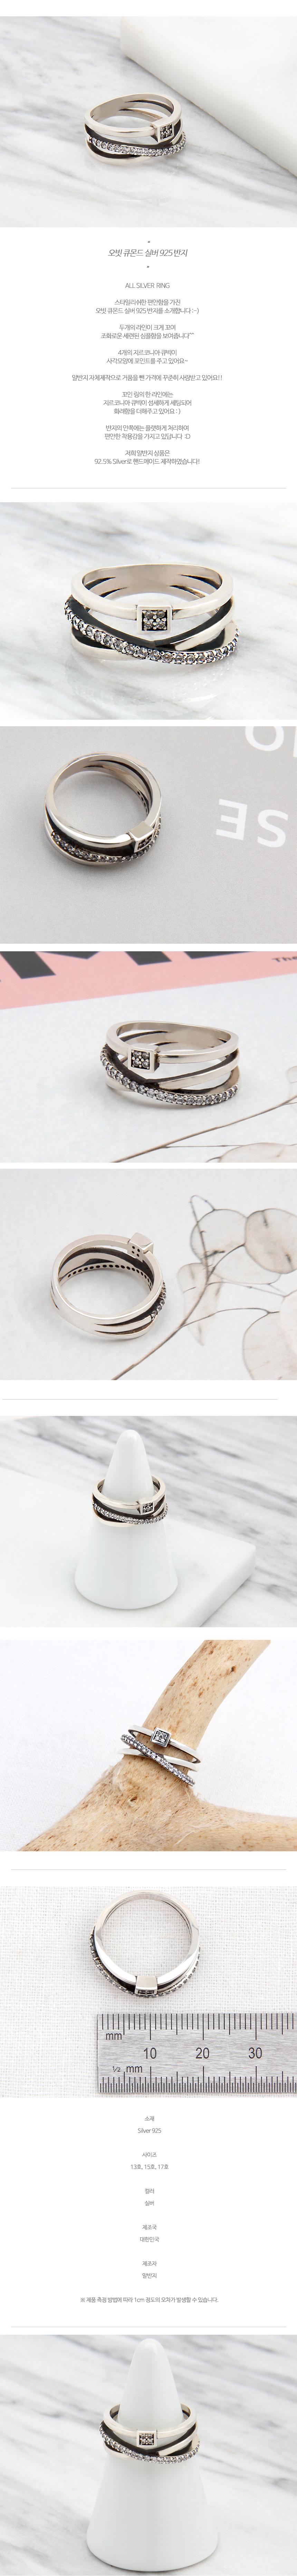 오빗 실버 925 반지 - 알반지, 50,000원, 실버, 실반지